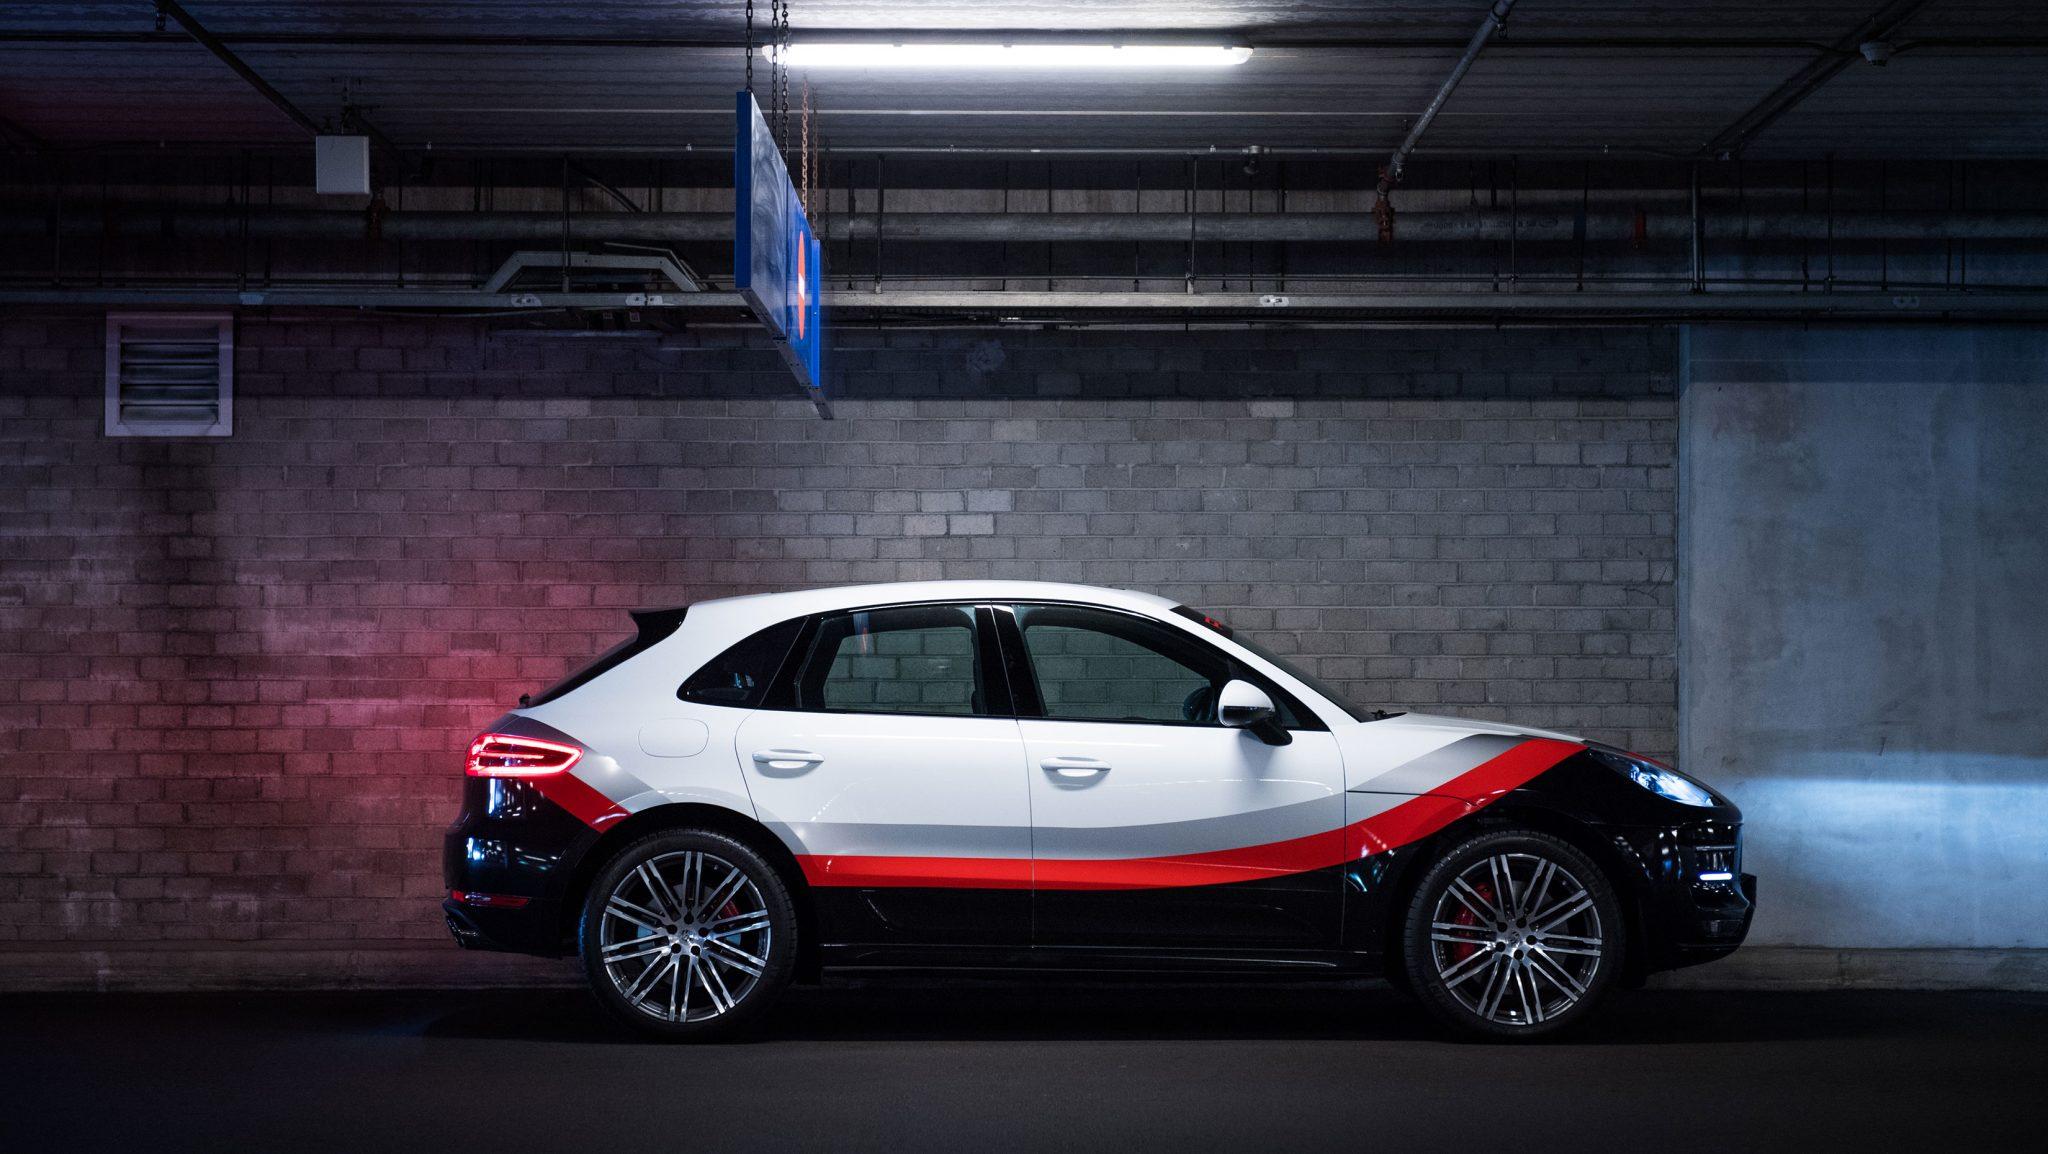 Foto: Porsche